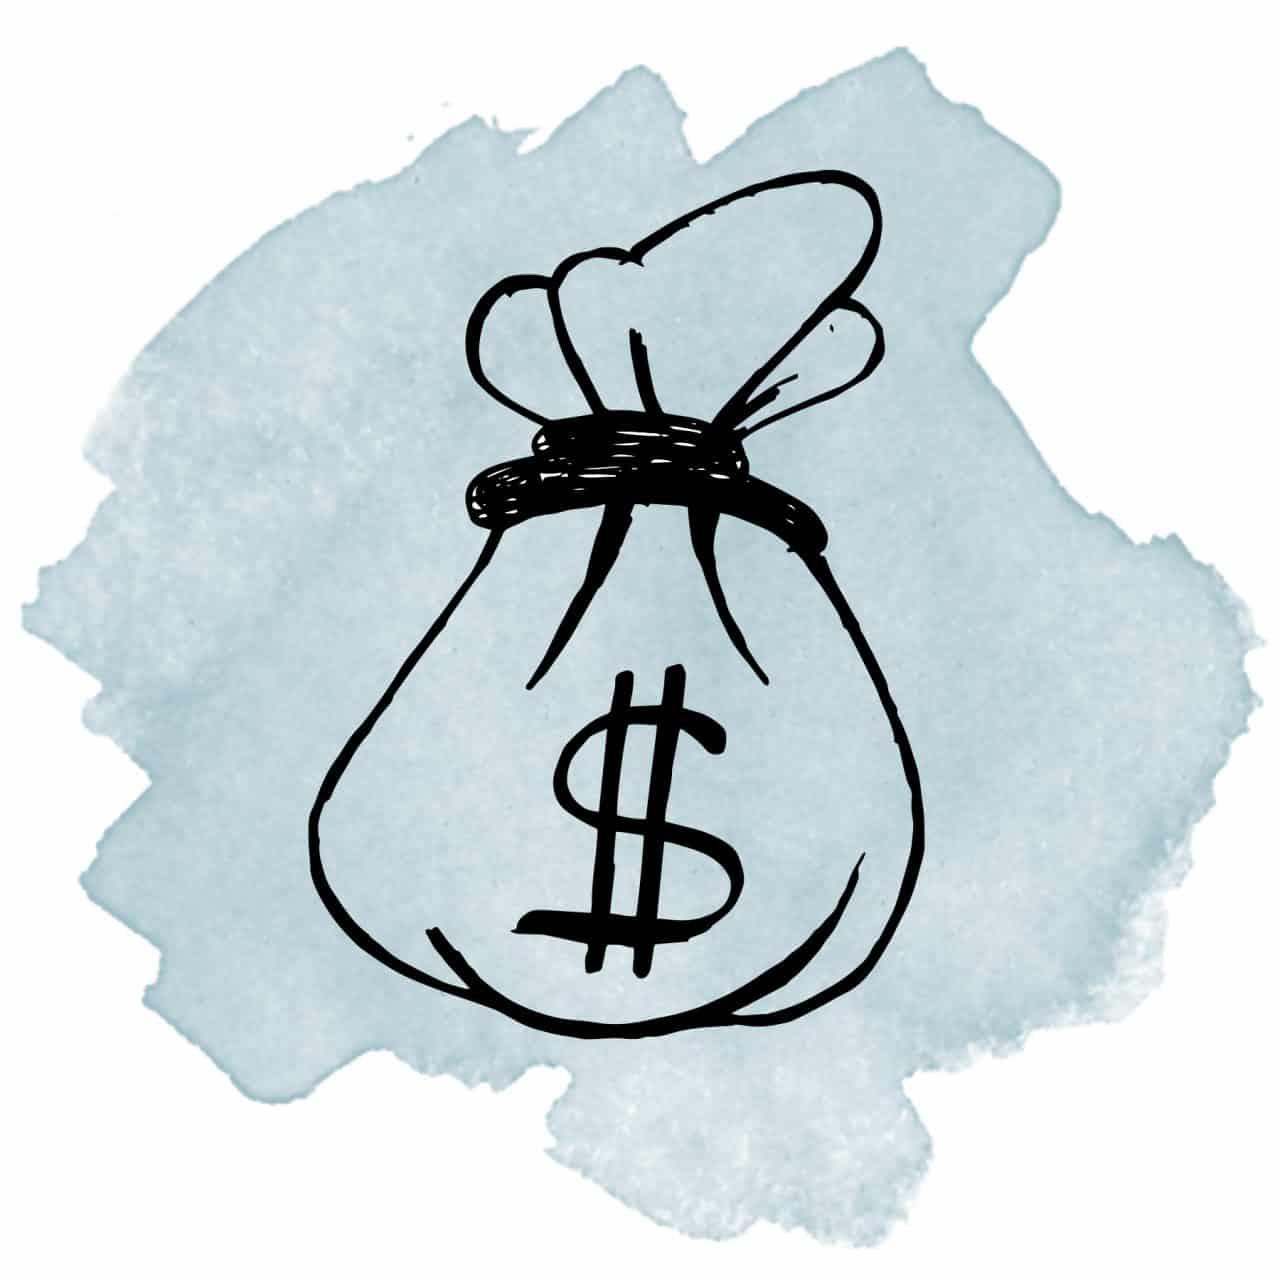 gastos custos